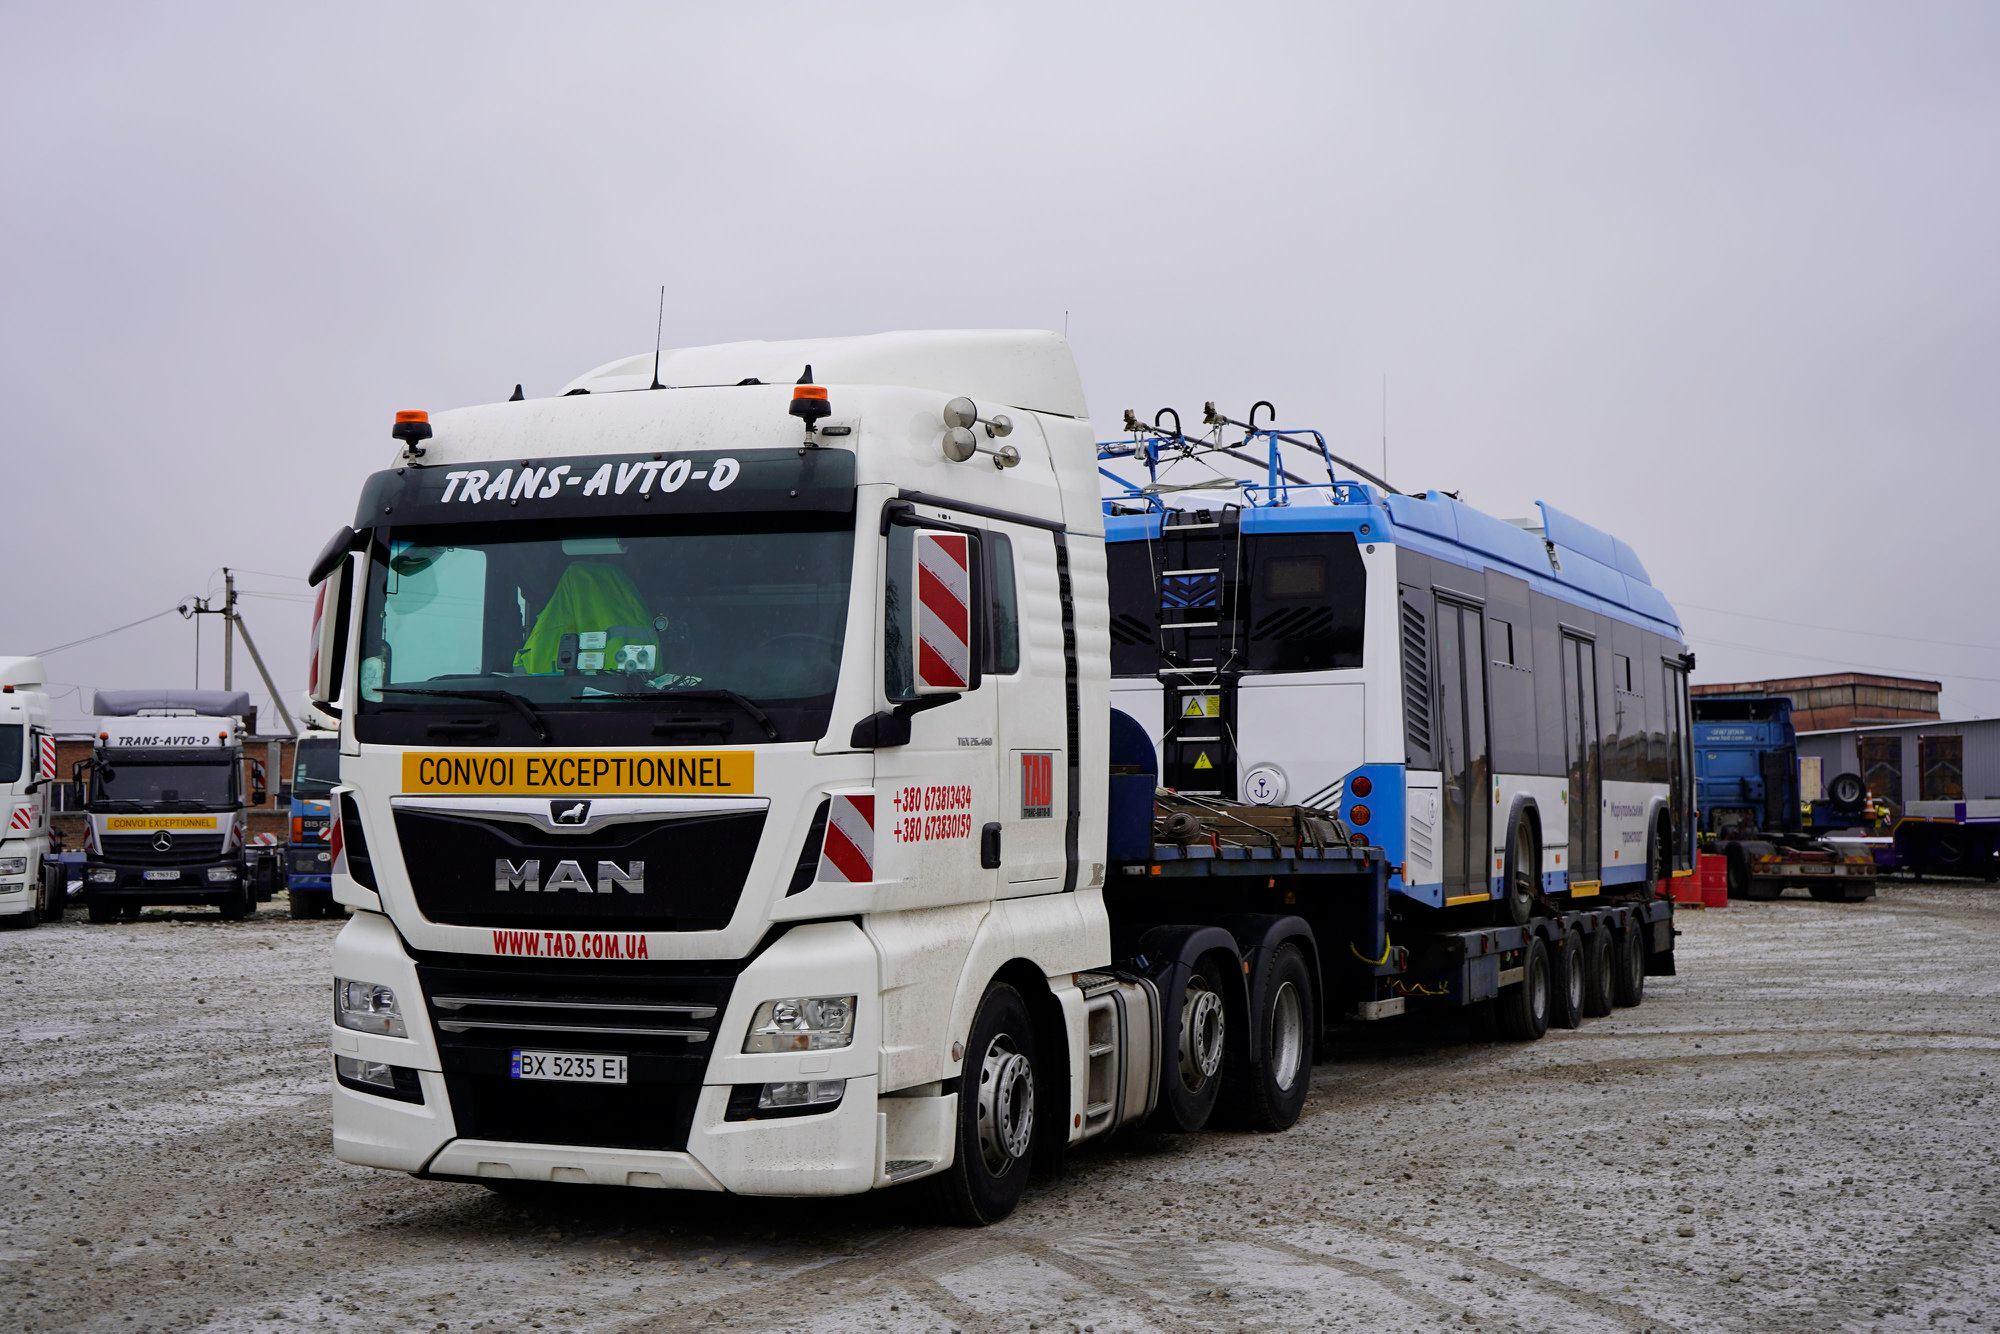 Trolleybus transportation. Cargo dimensions 12.5x2.55x3.60